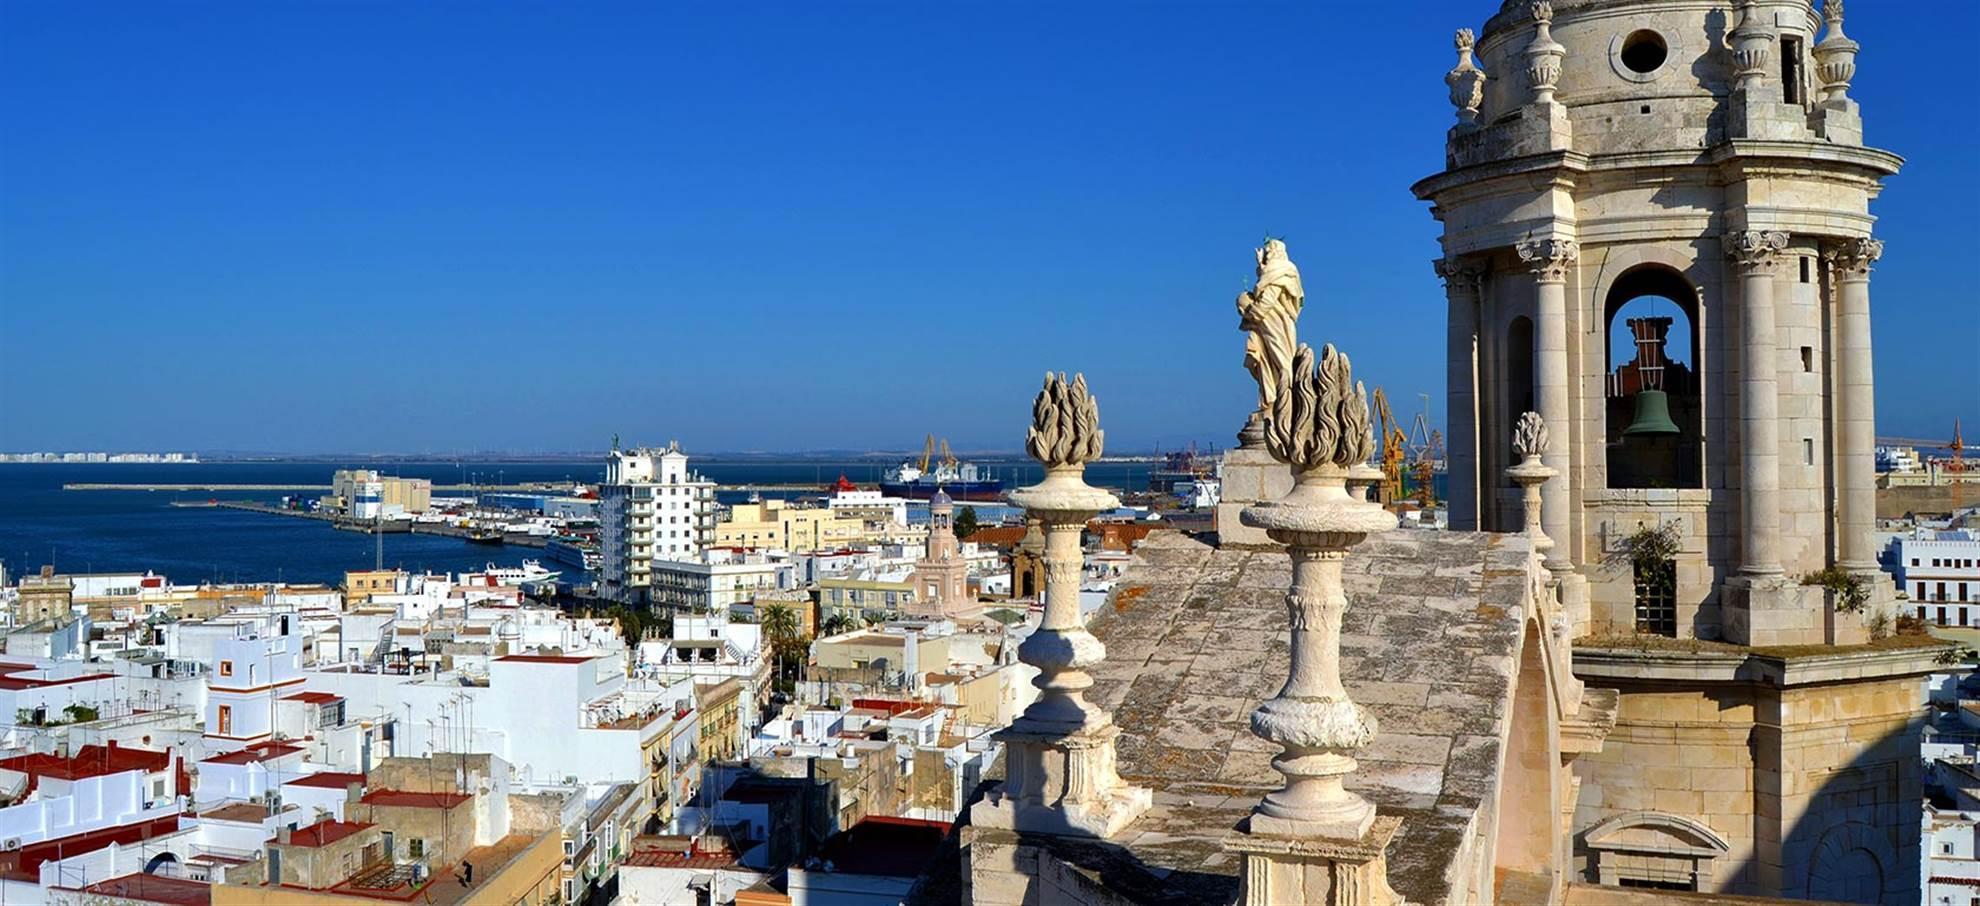 Jerez & Cádiz. Wijn, paarden & lichtjes (SVQJECAD)